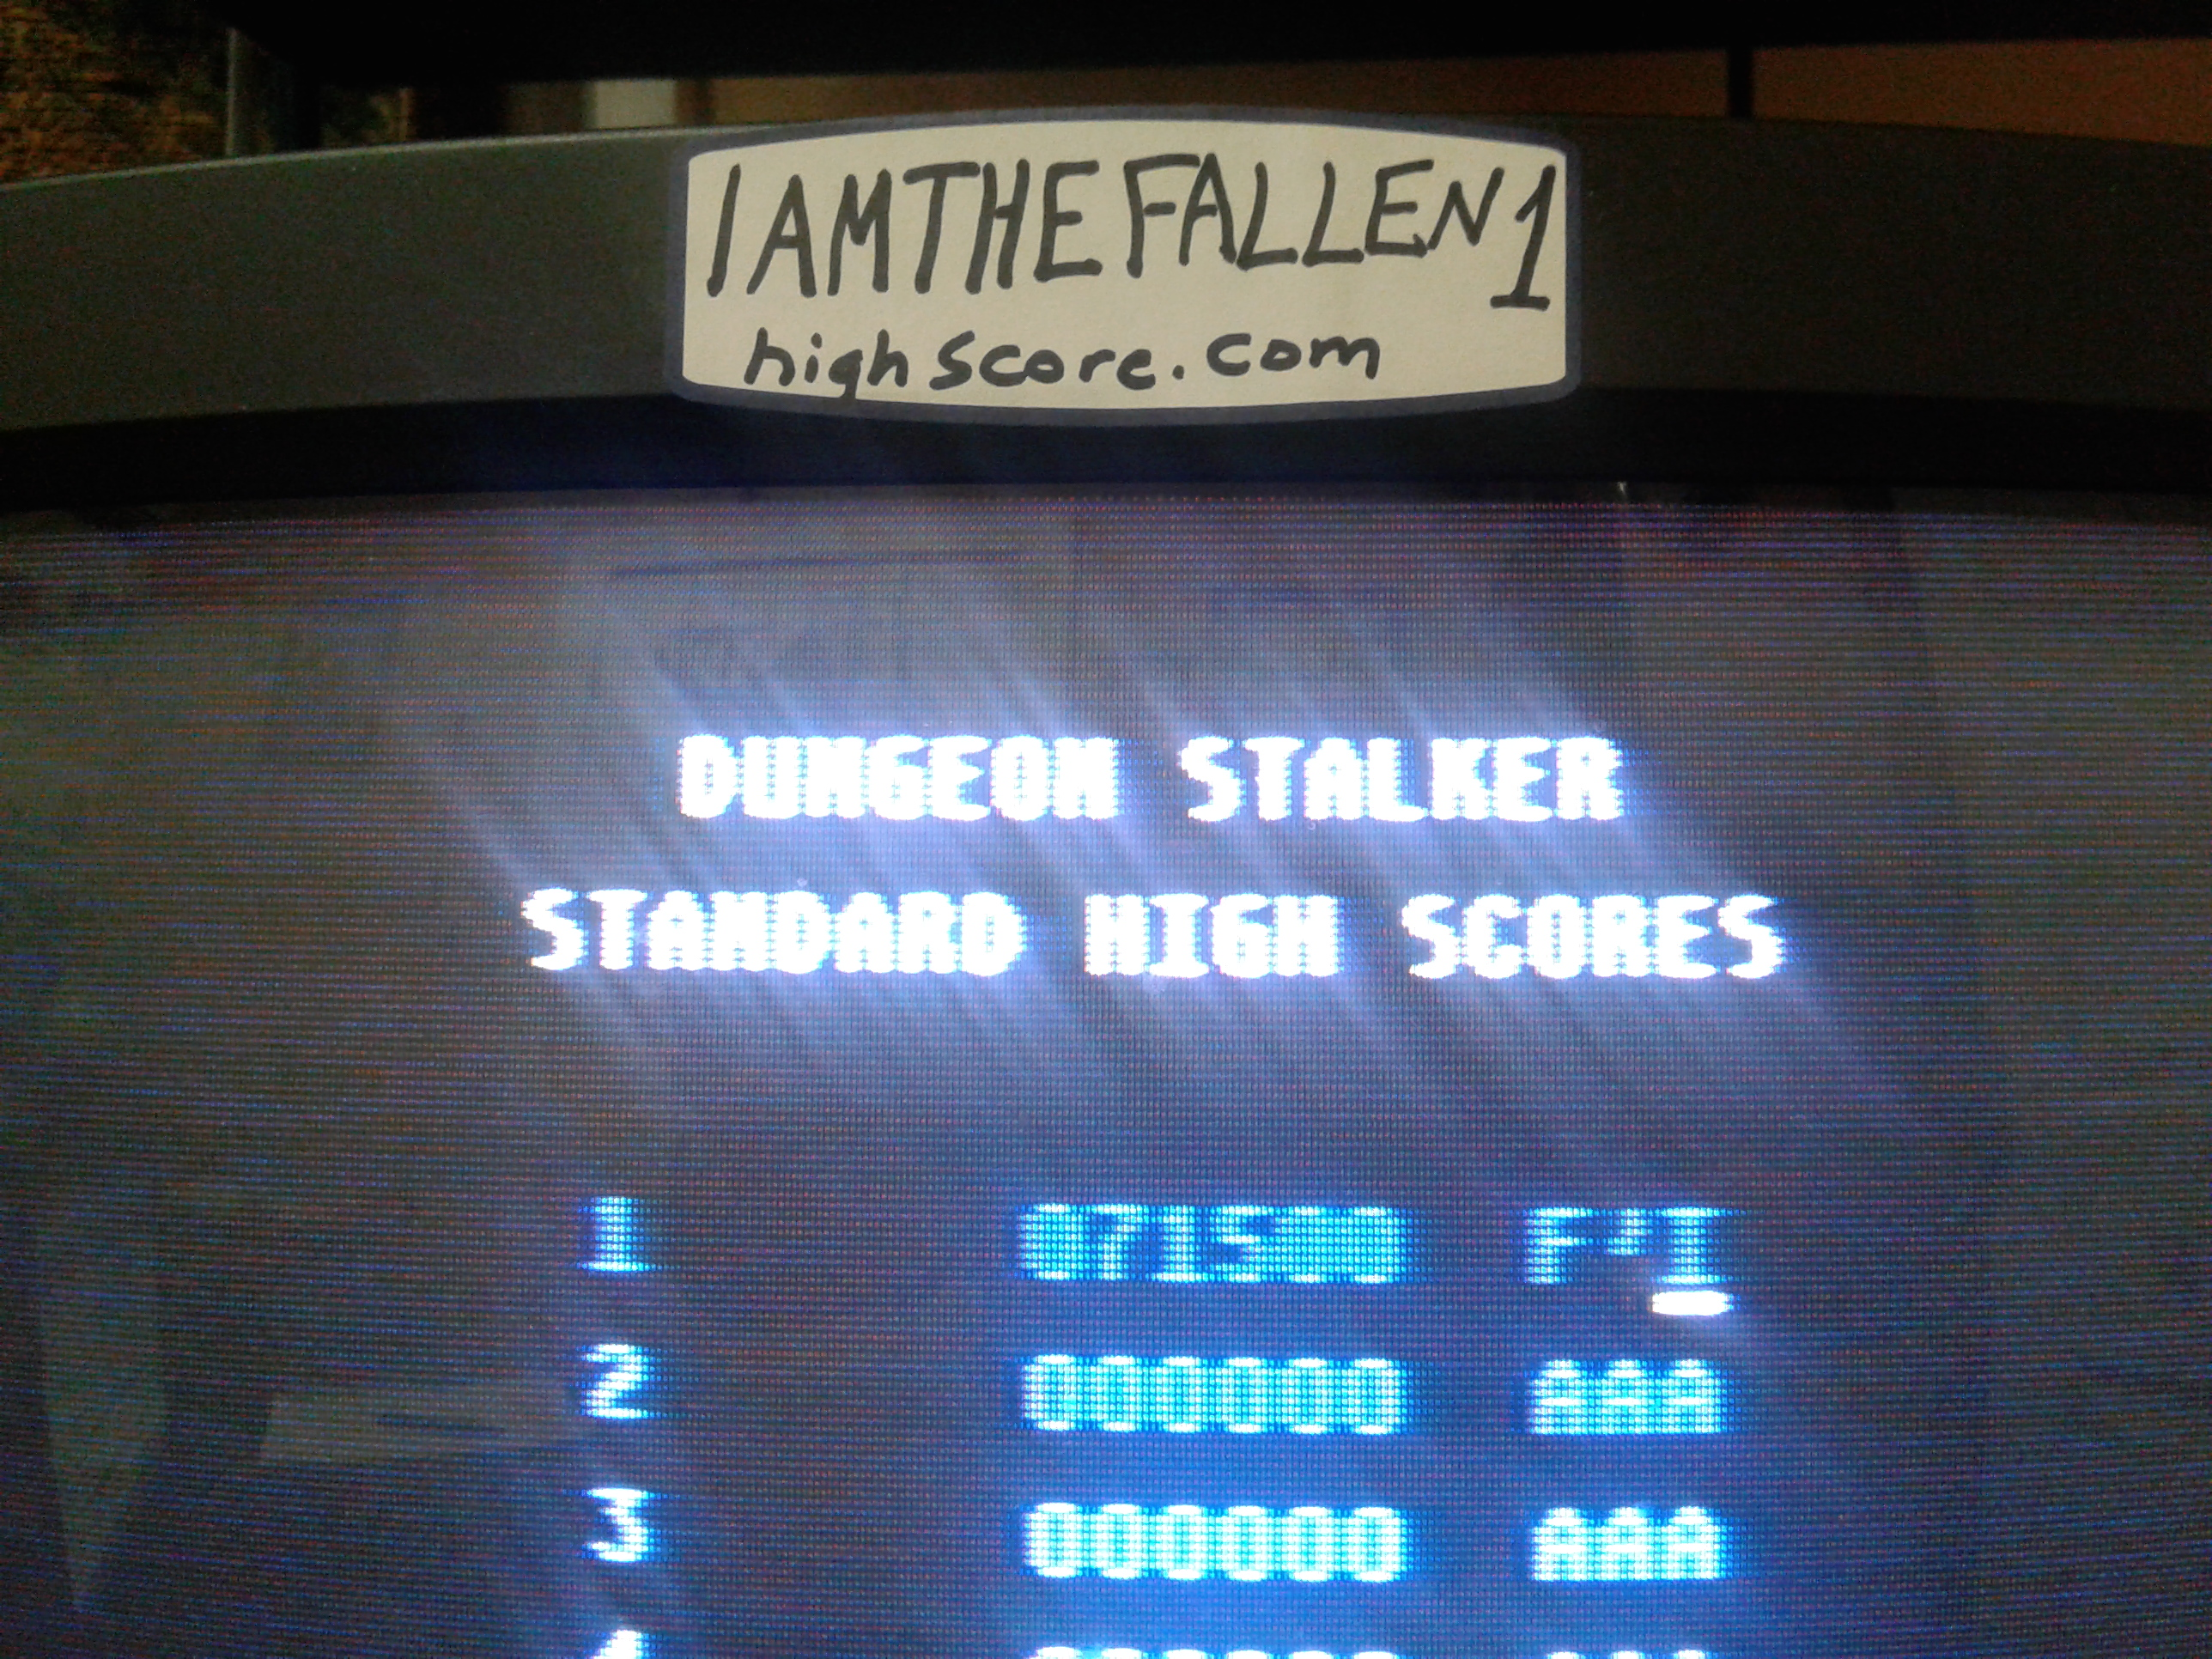 Dungeon Stalker [Standard] 71,500 points